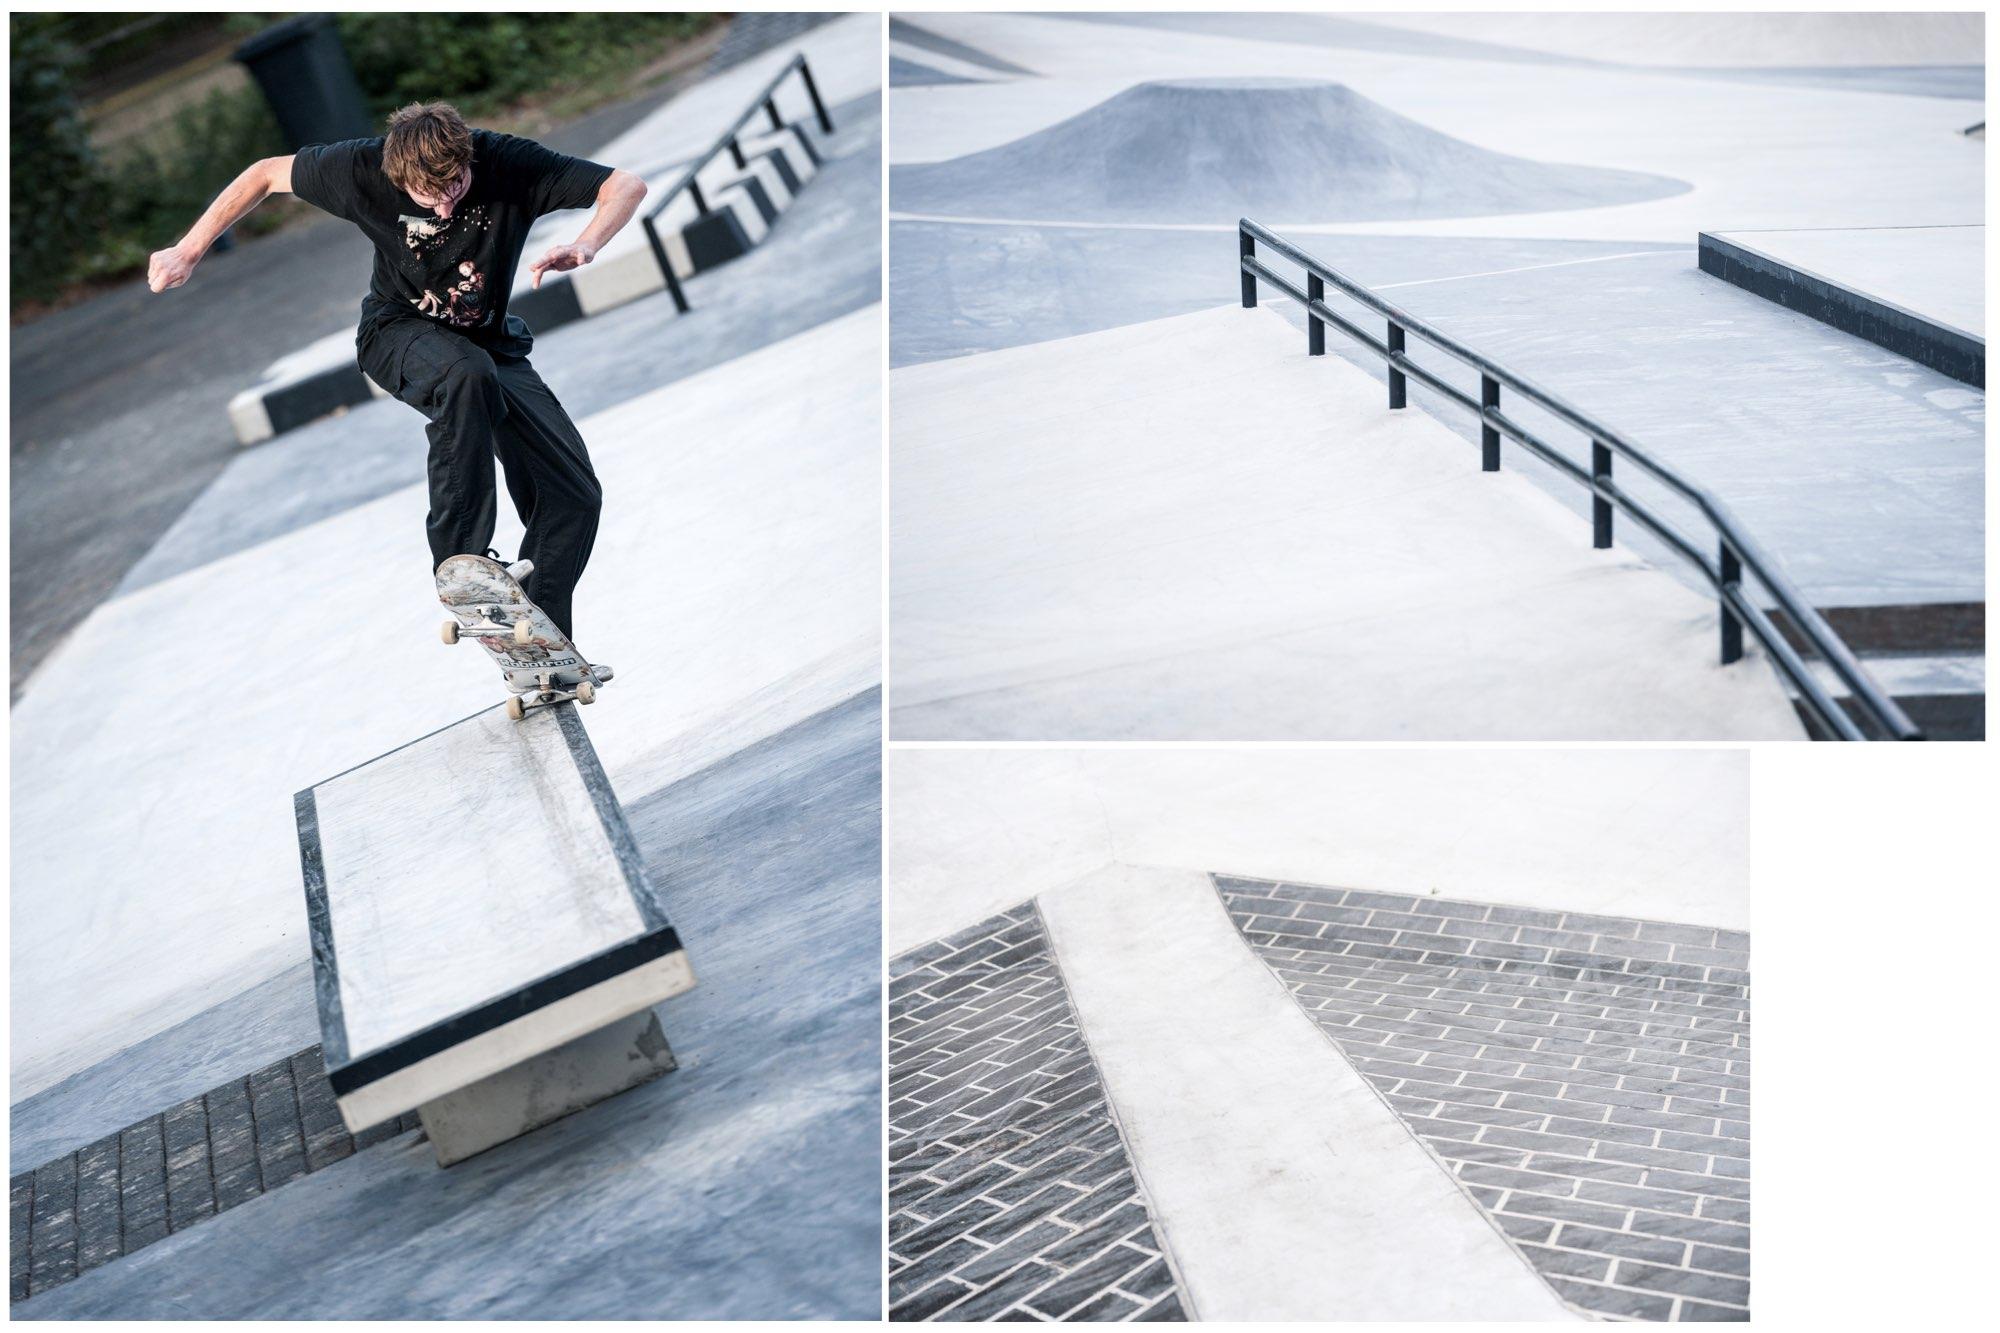 lndskt_skatepark_planung_bonn_kalle_wiehn_02